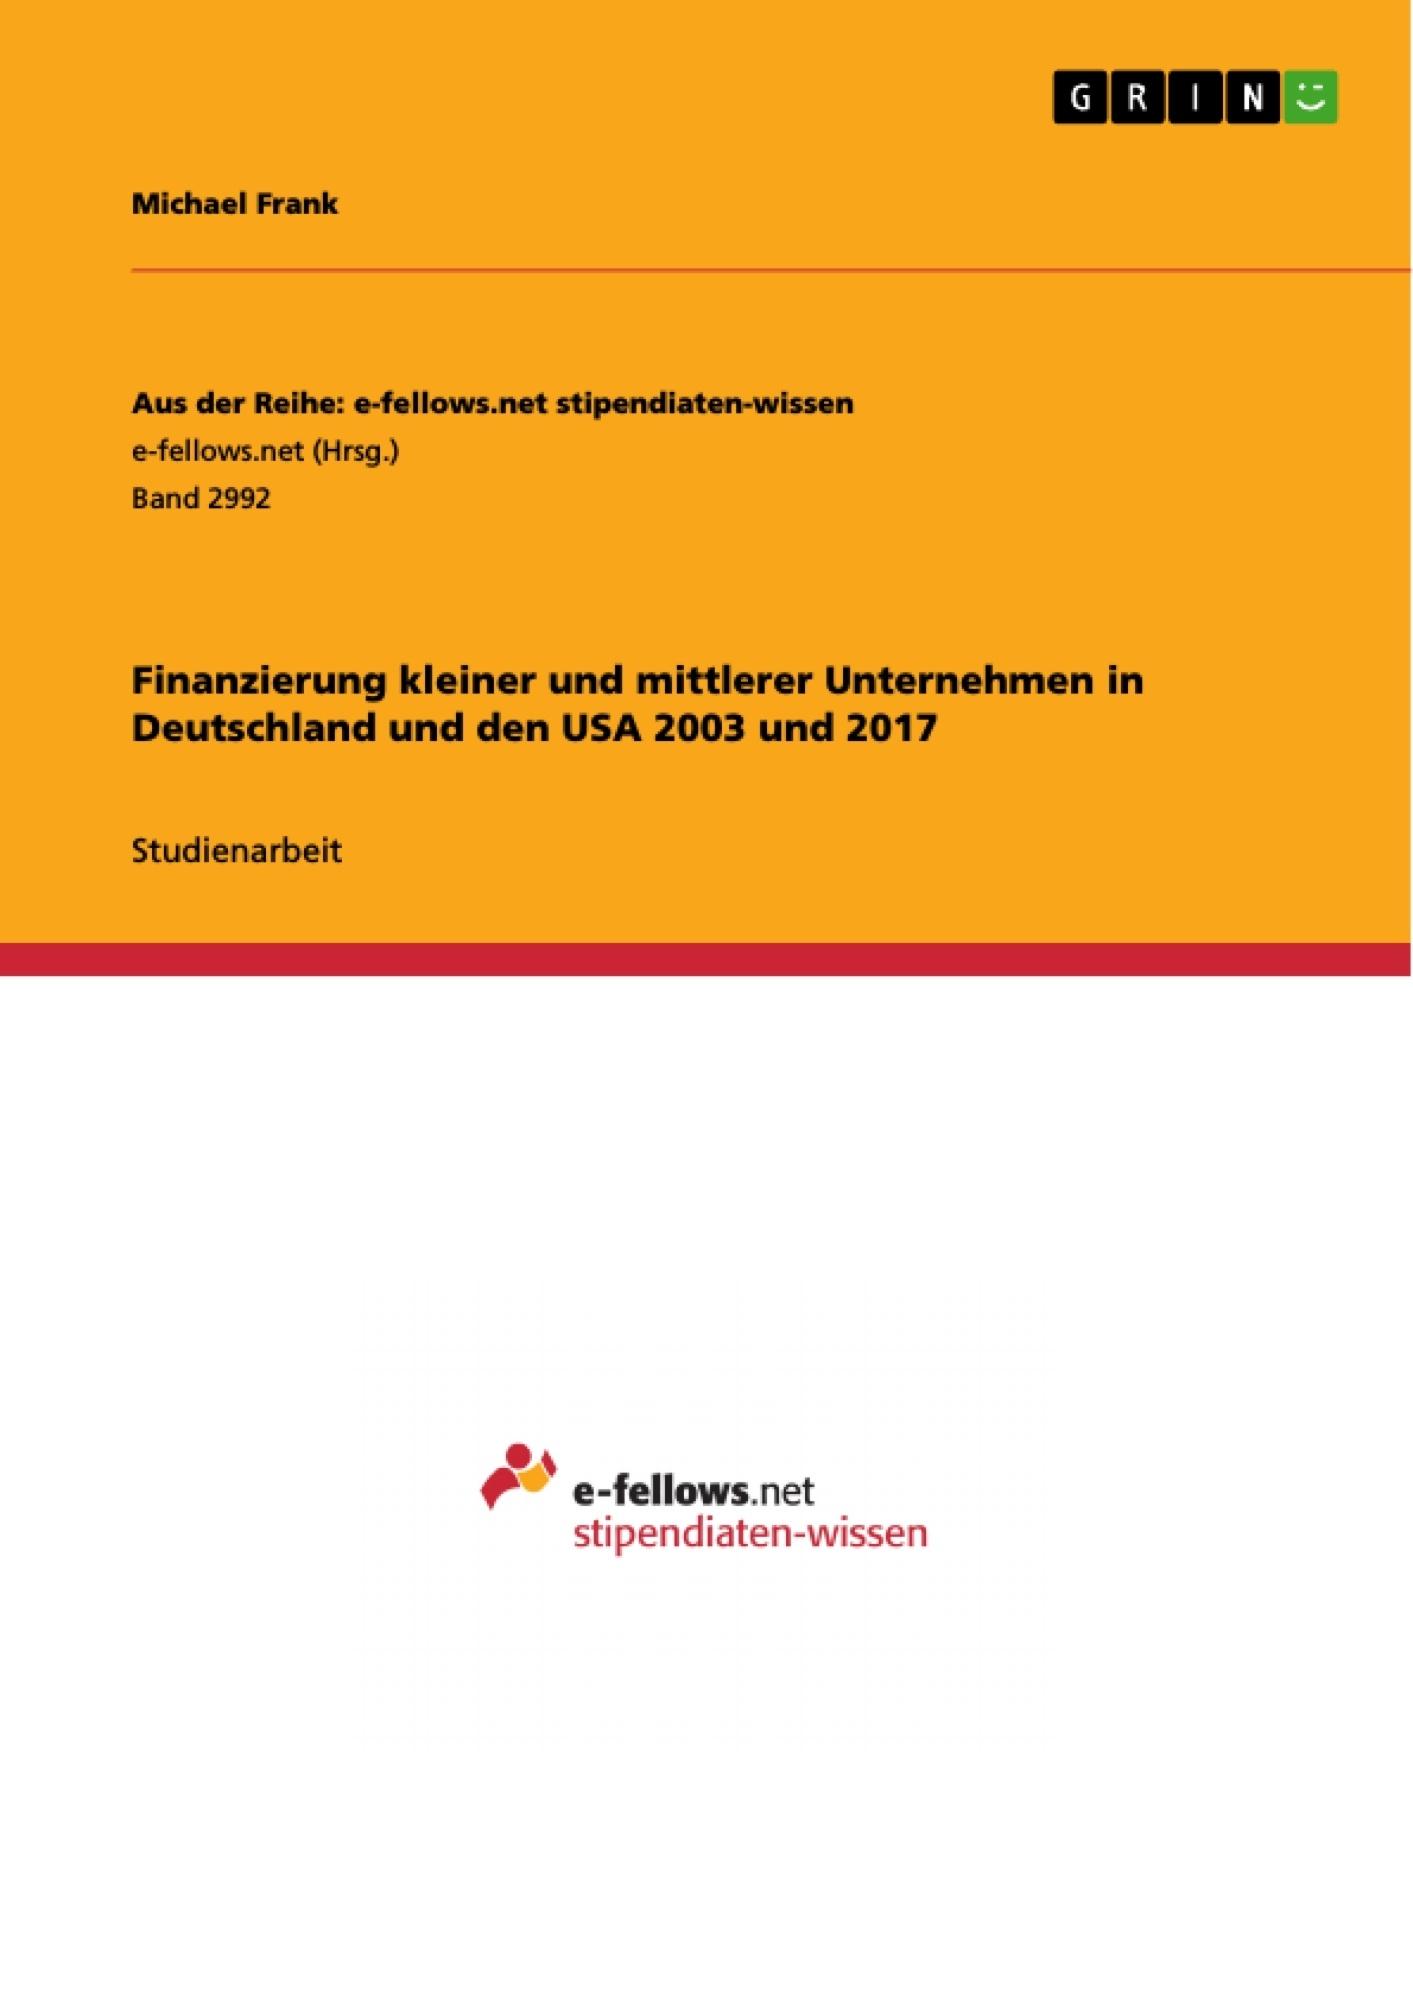 Titel: Finanzierung kleiner und mittlerer Unternehmen in Deutschland und den USA 2003 und 2017